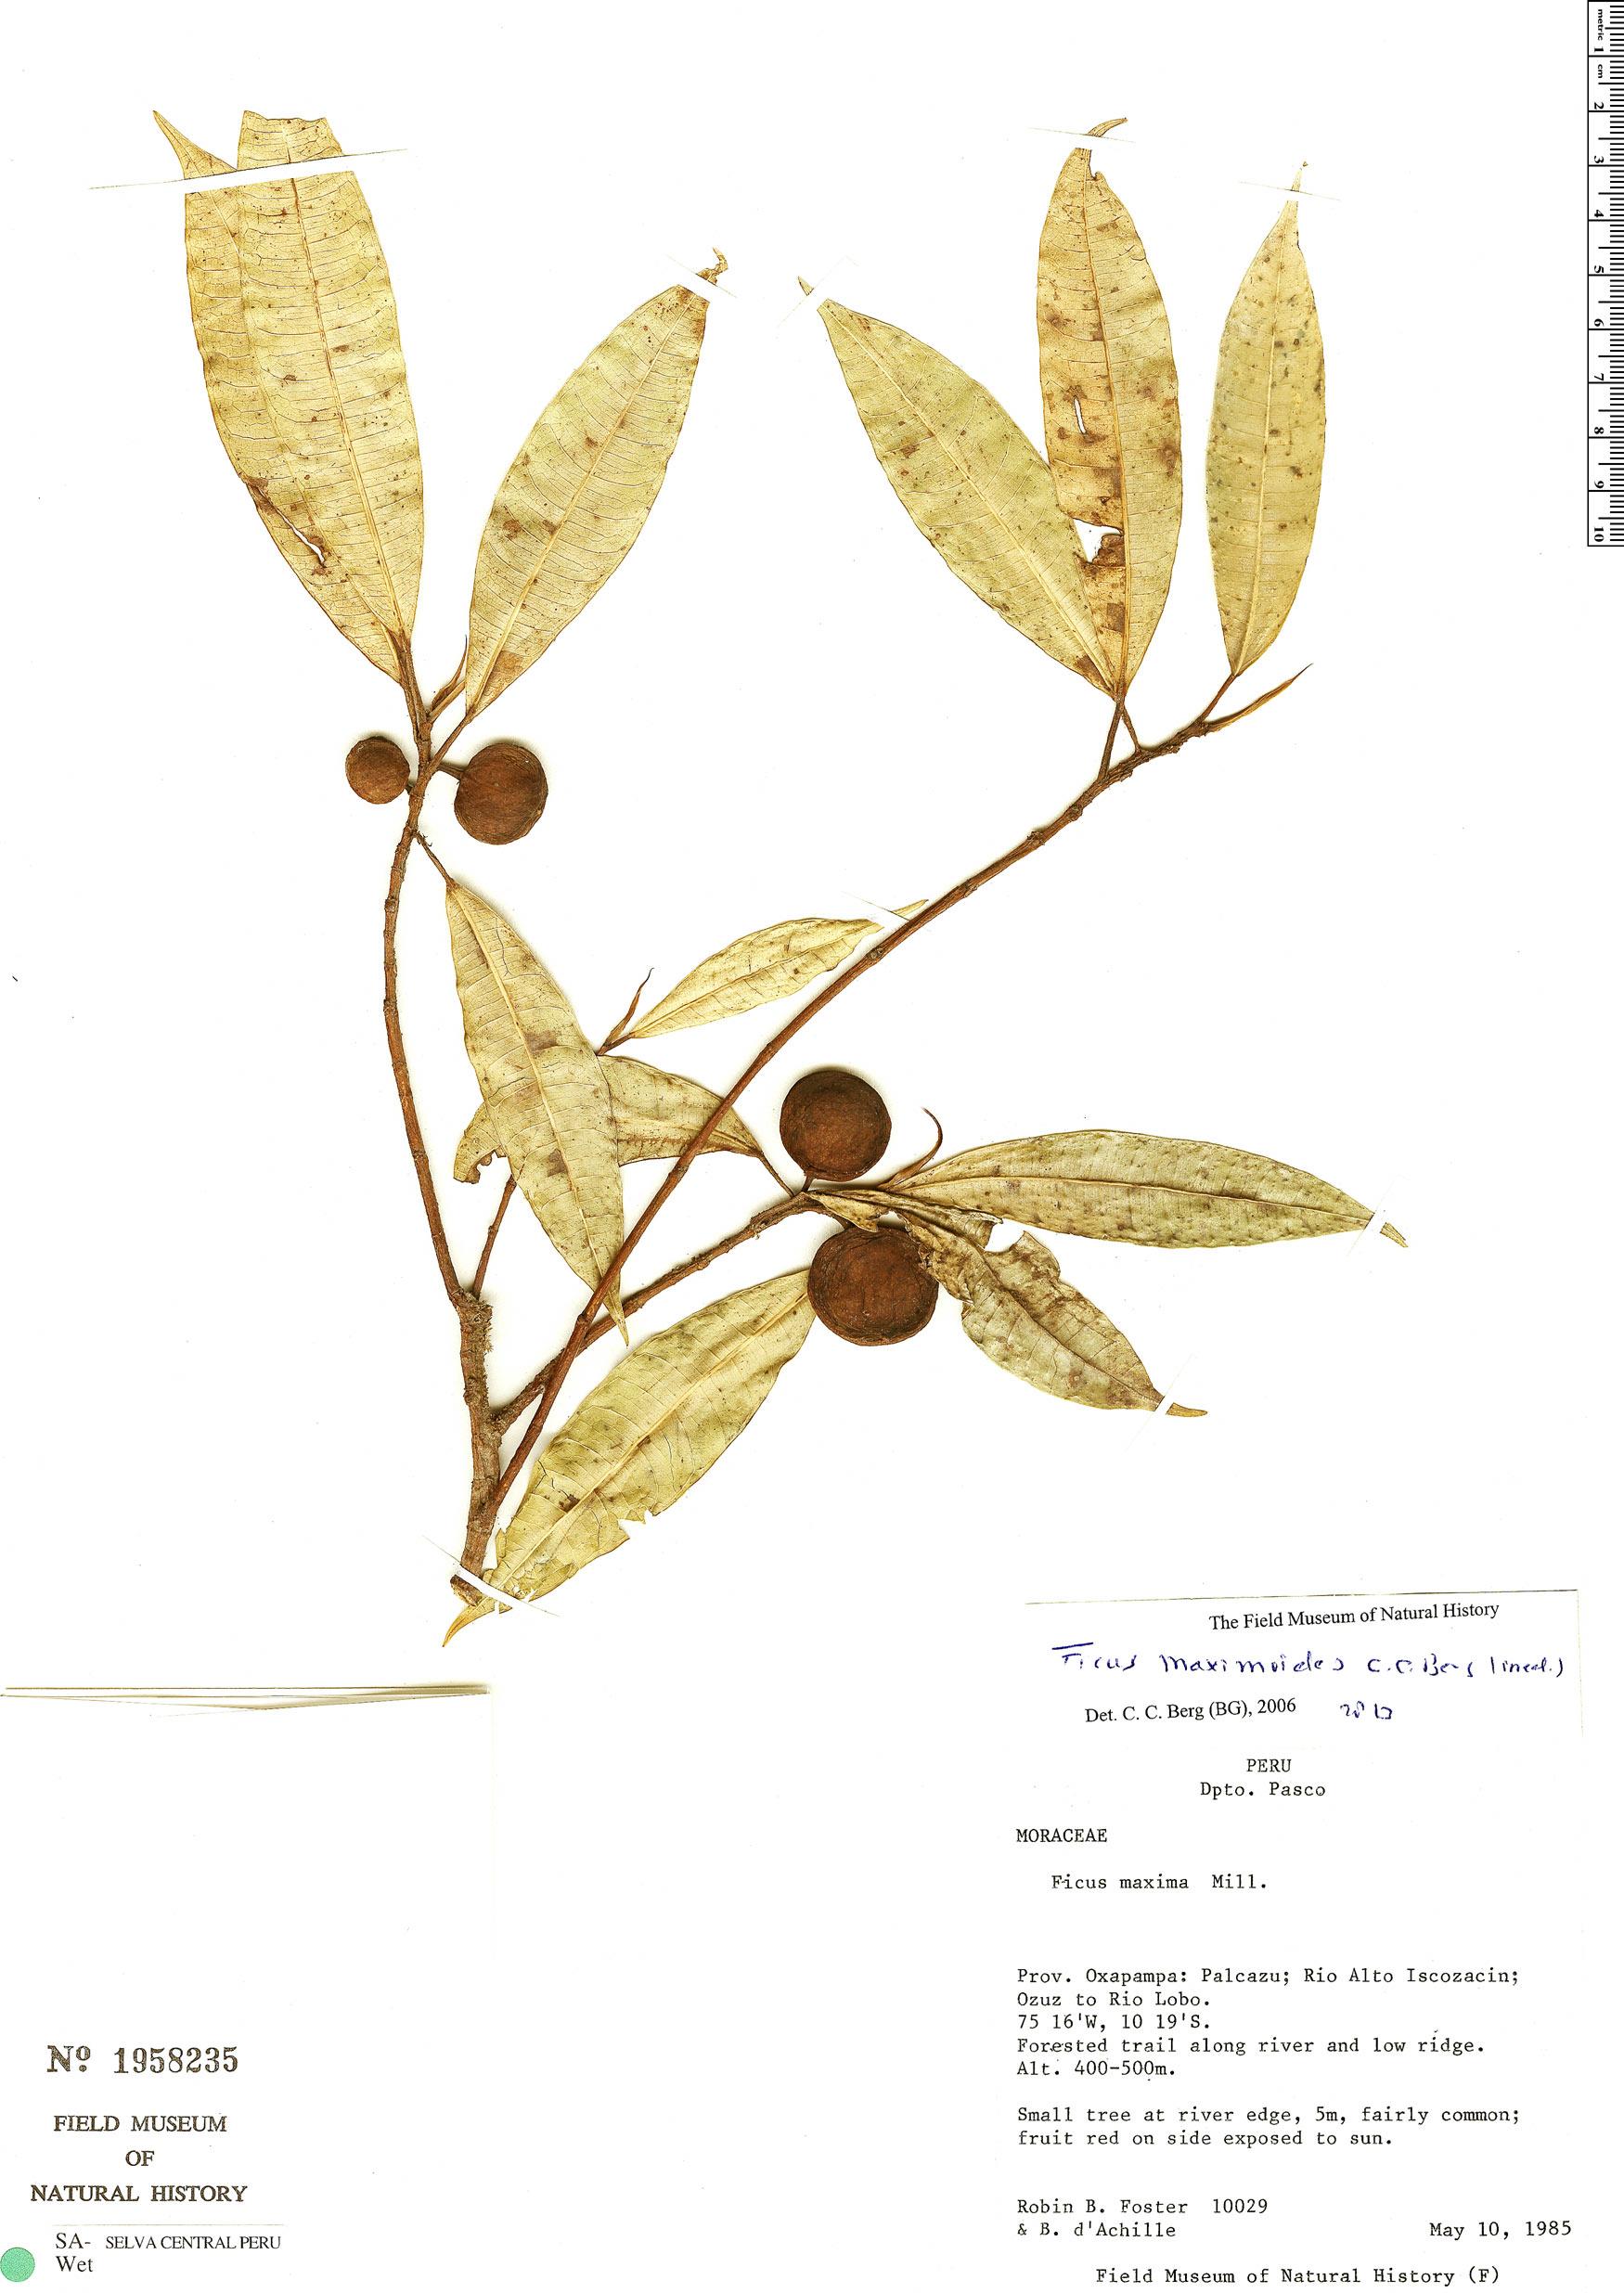 Specimen: Ficus maximoides